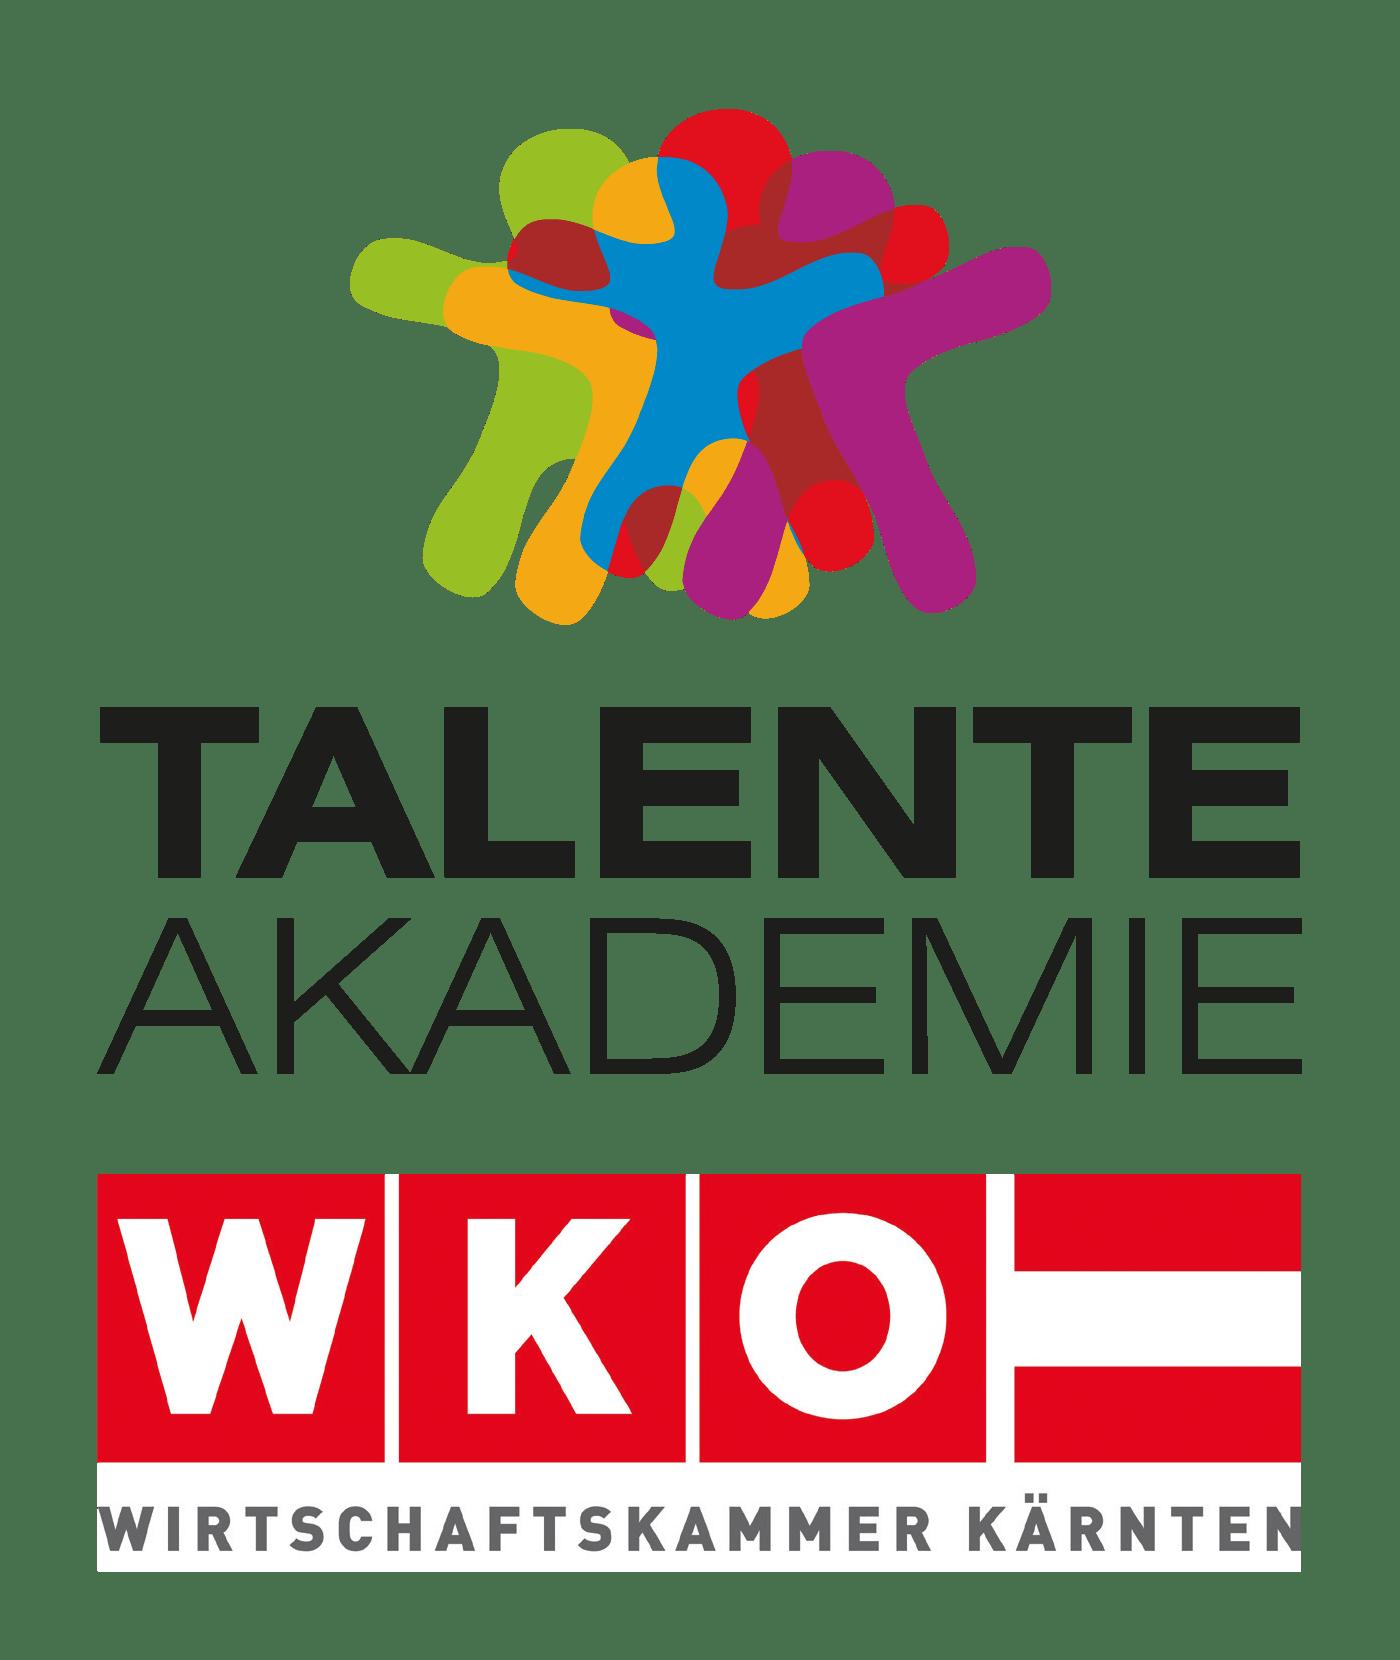 DaVinciLab-Lehrlingshackathon-Wirtschaftskammer-Kärnten-2021-Talente-Akademie